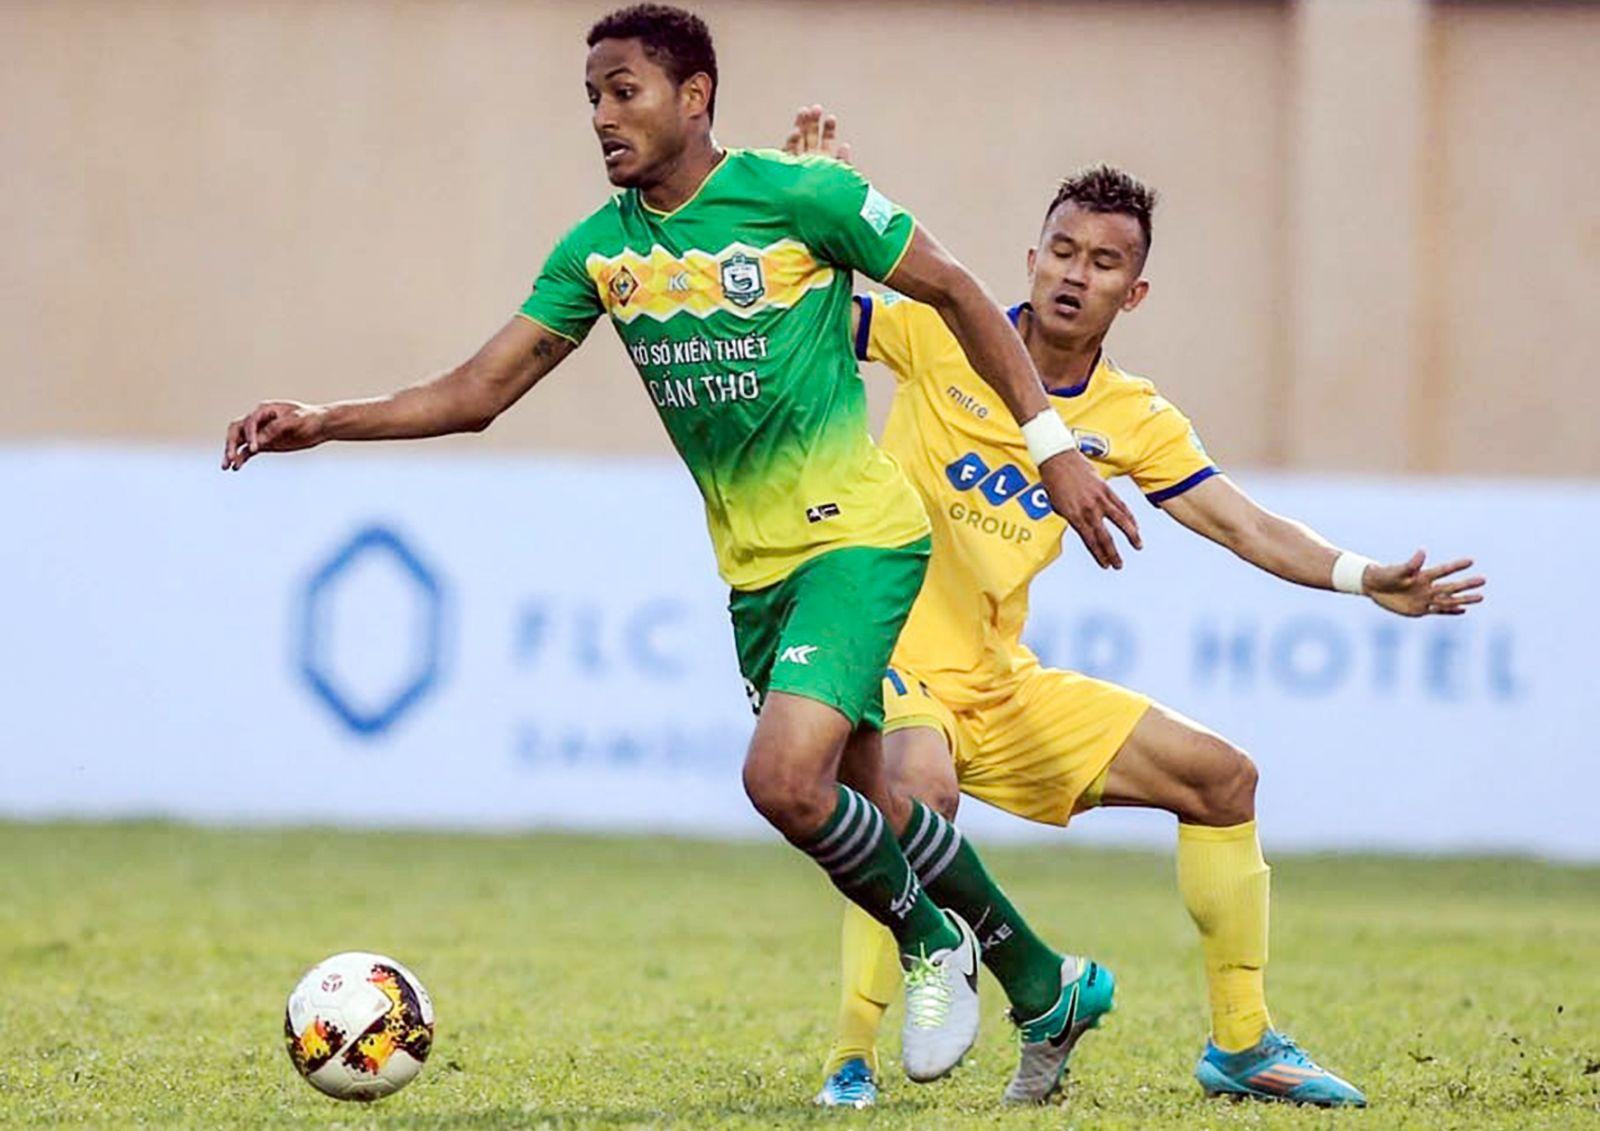 Đội Cần Thơ (trái) thi đấu khởi sắc tại V.League nhưng có thể không mặn mà với Cúp quốc gia. Ảnh: VPF